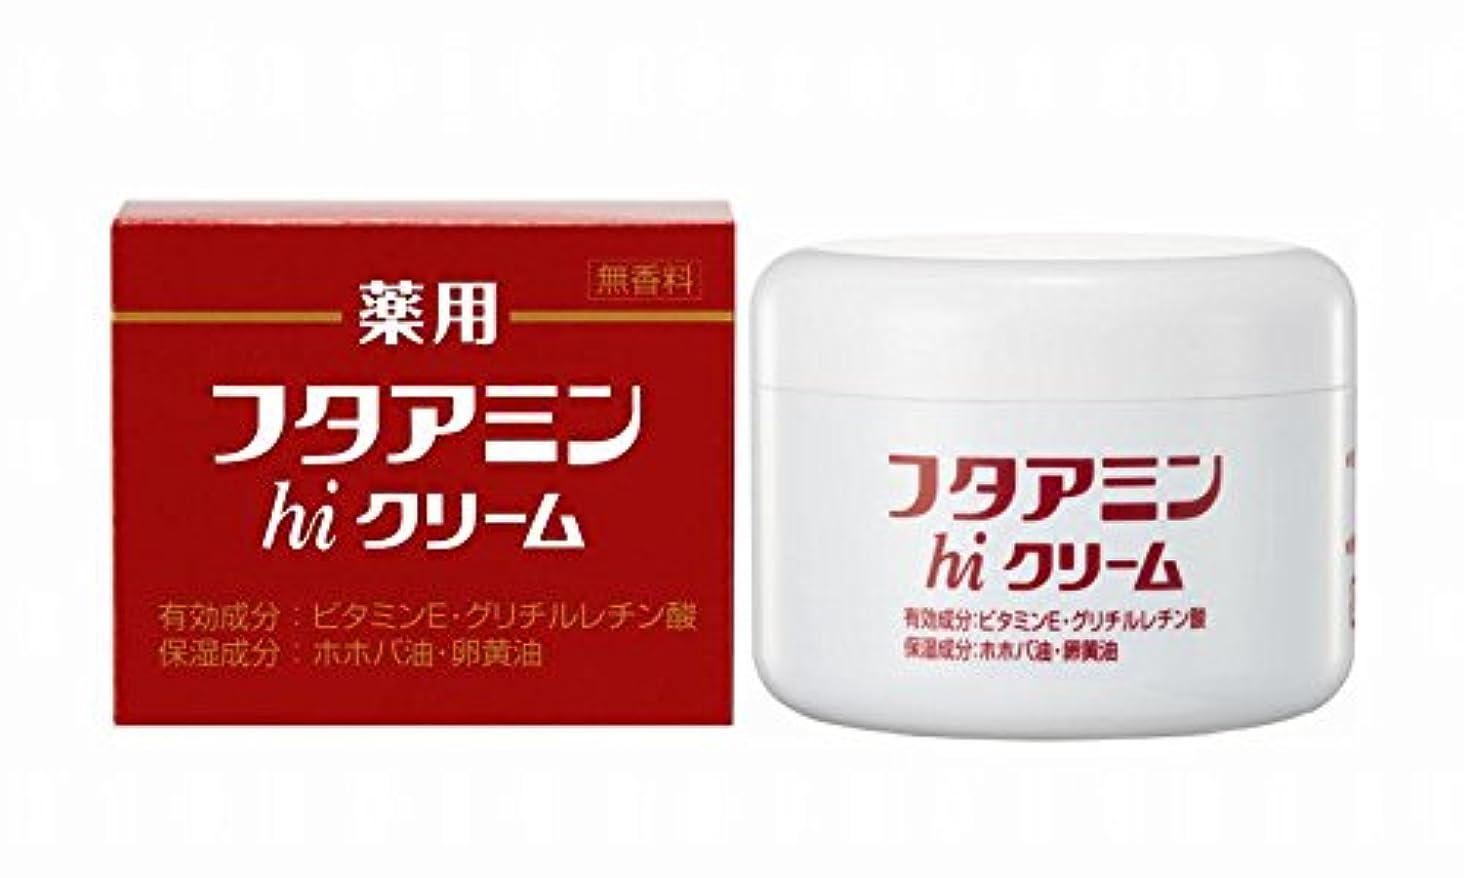 言語食べる発行する薬用フタアミンhiクリーム 130g 4個セット